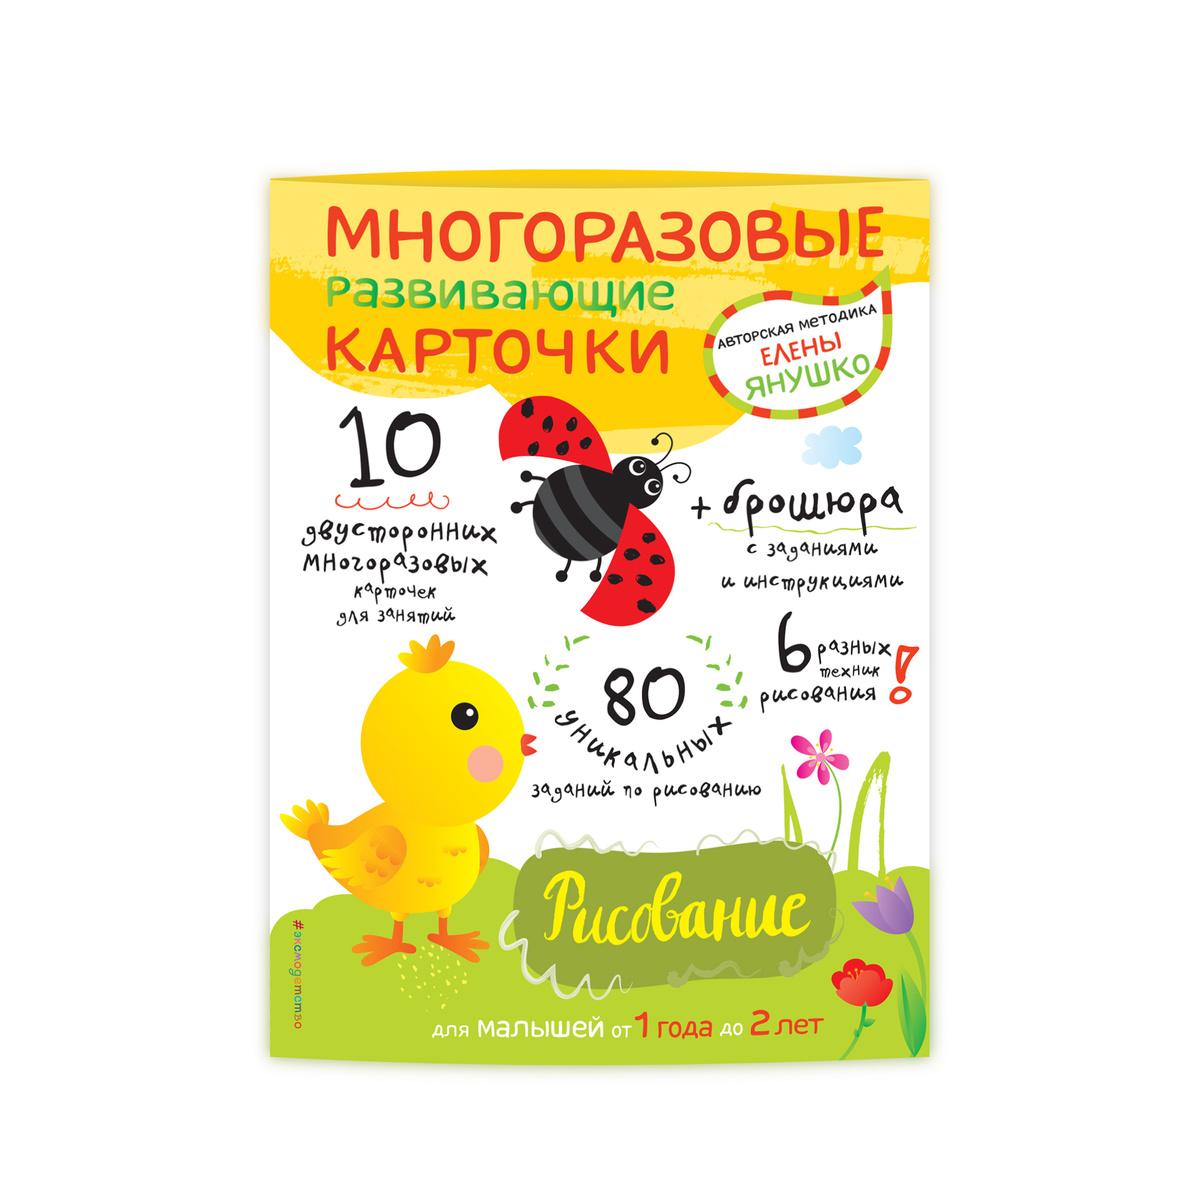 1+ Рисование для малышей от 1 года до 2 лет (+ многоразовые развивающие карточки) | Янушко Елена Альбиновна #1